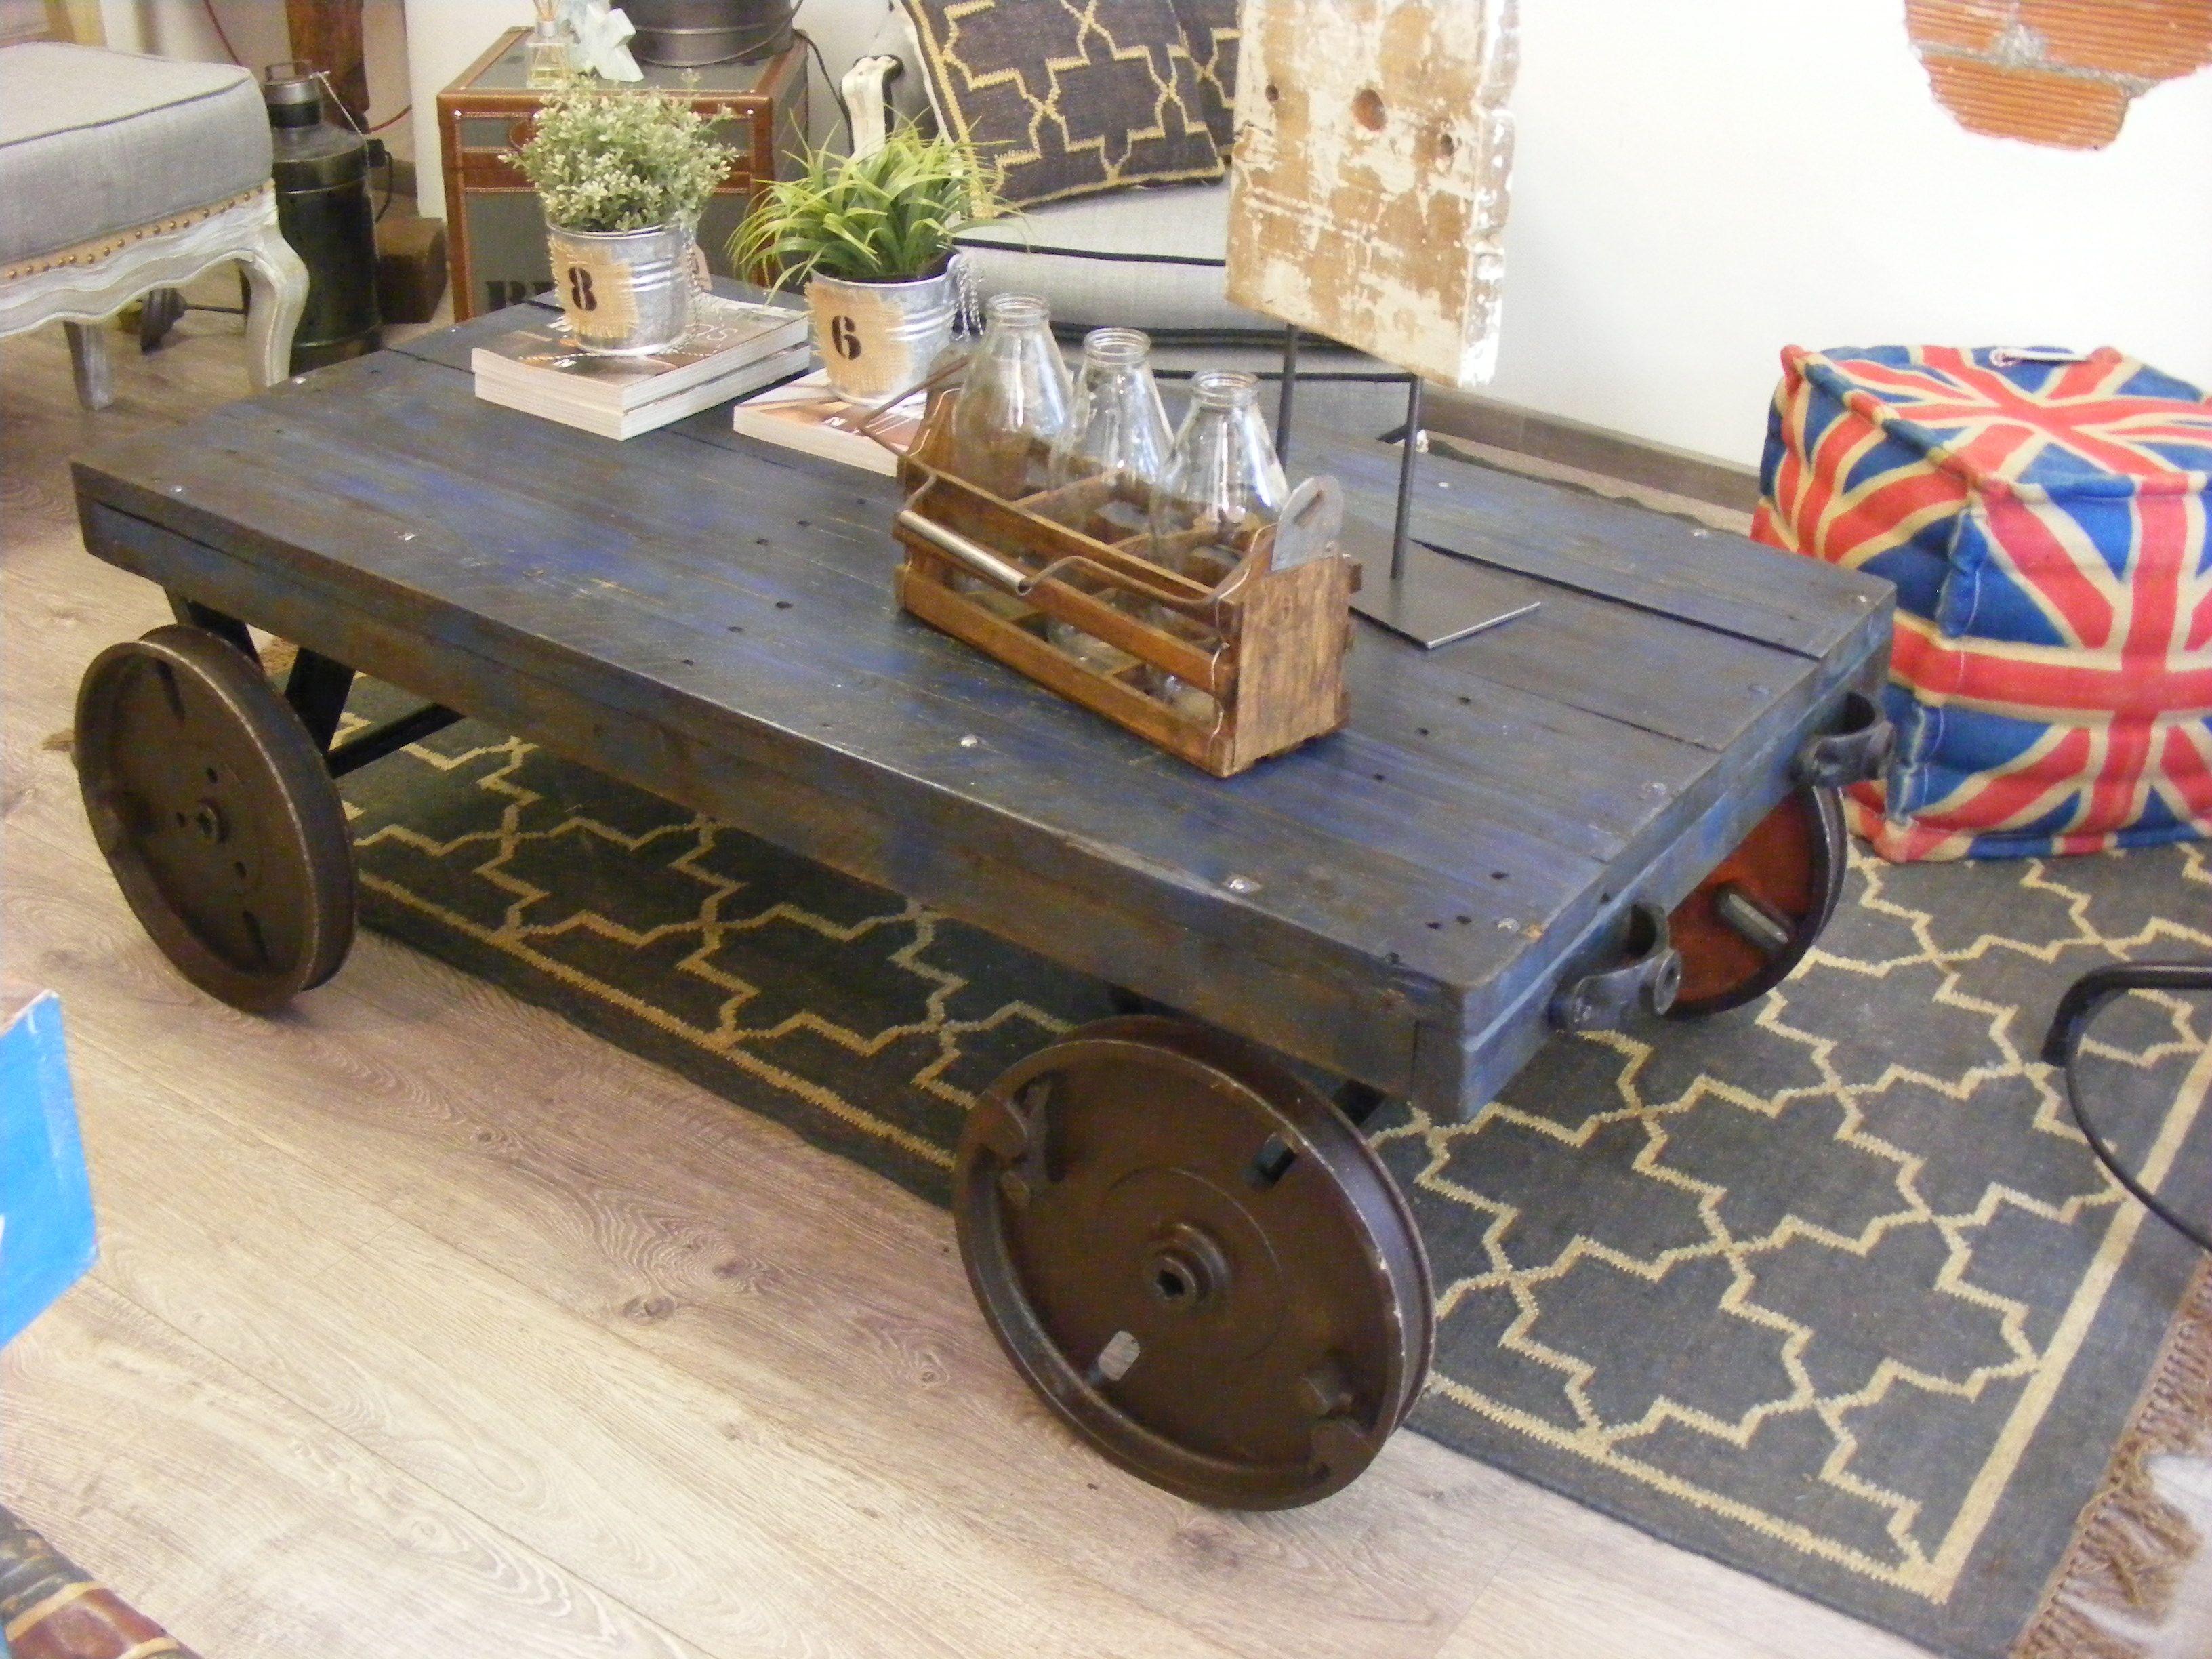 Mesa De Centro De Ruedas Estilo Vintage Madera Reciclada Y Ruedas De Minería ünik Vintage Furniture Ruedas De Acero Muebles Madera